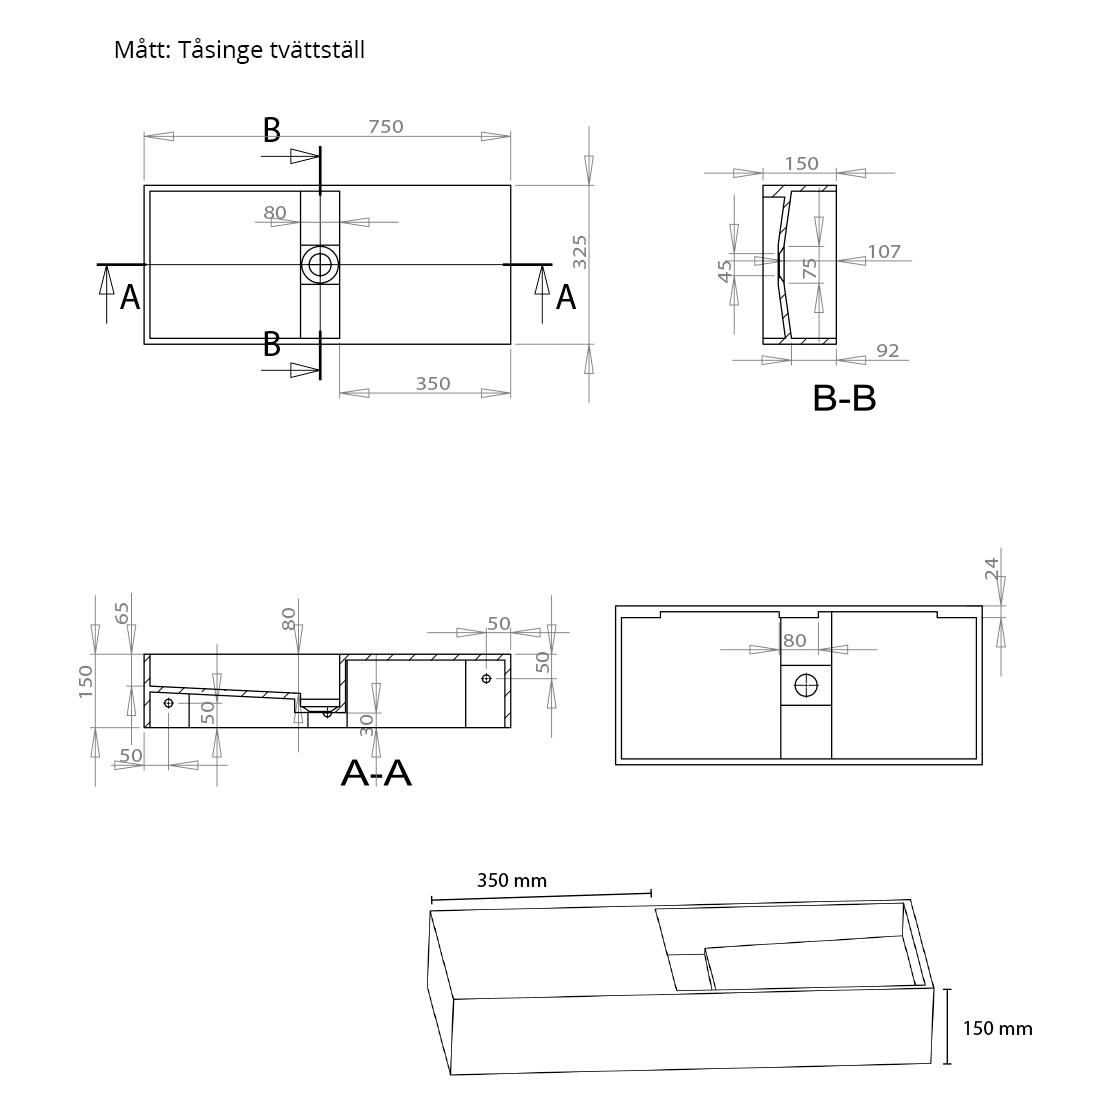 Tvättställ modell Tåsinge